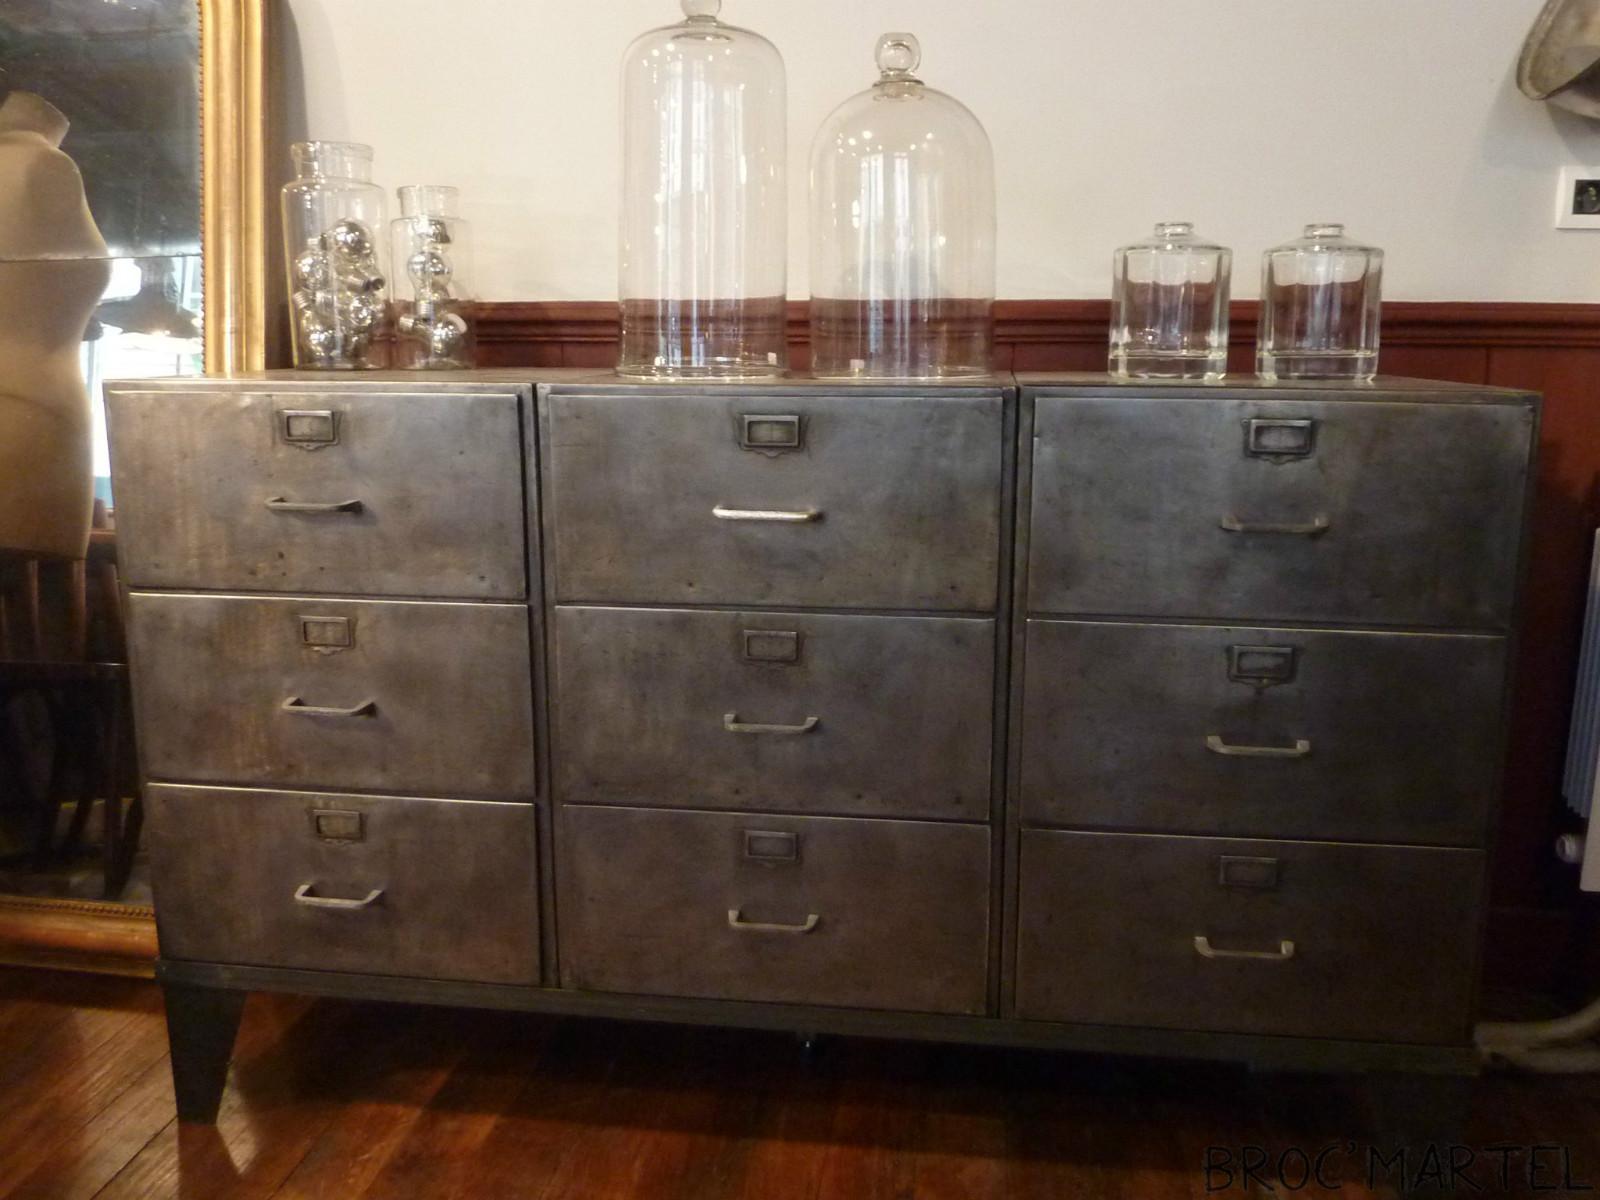 meuble de m tier en m tal 9 tiroirs mobilier boutique broc martel. Black Bedroom Furniture Sets. Home Design Ideas